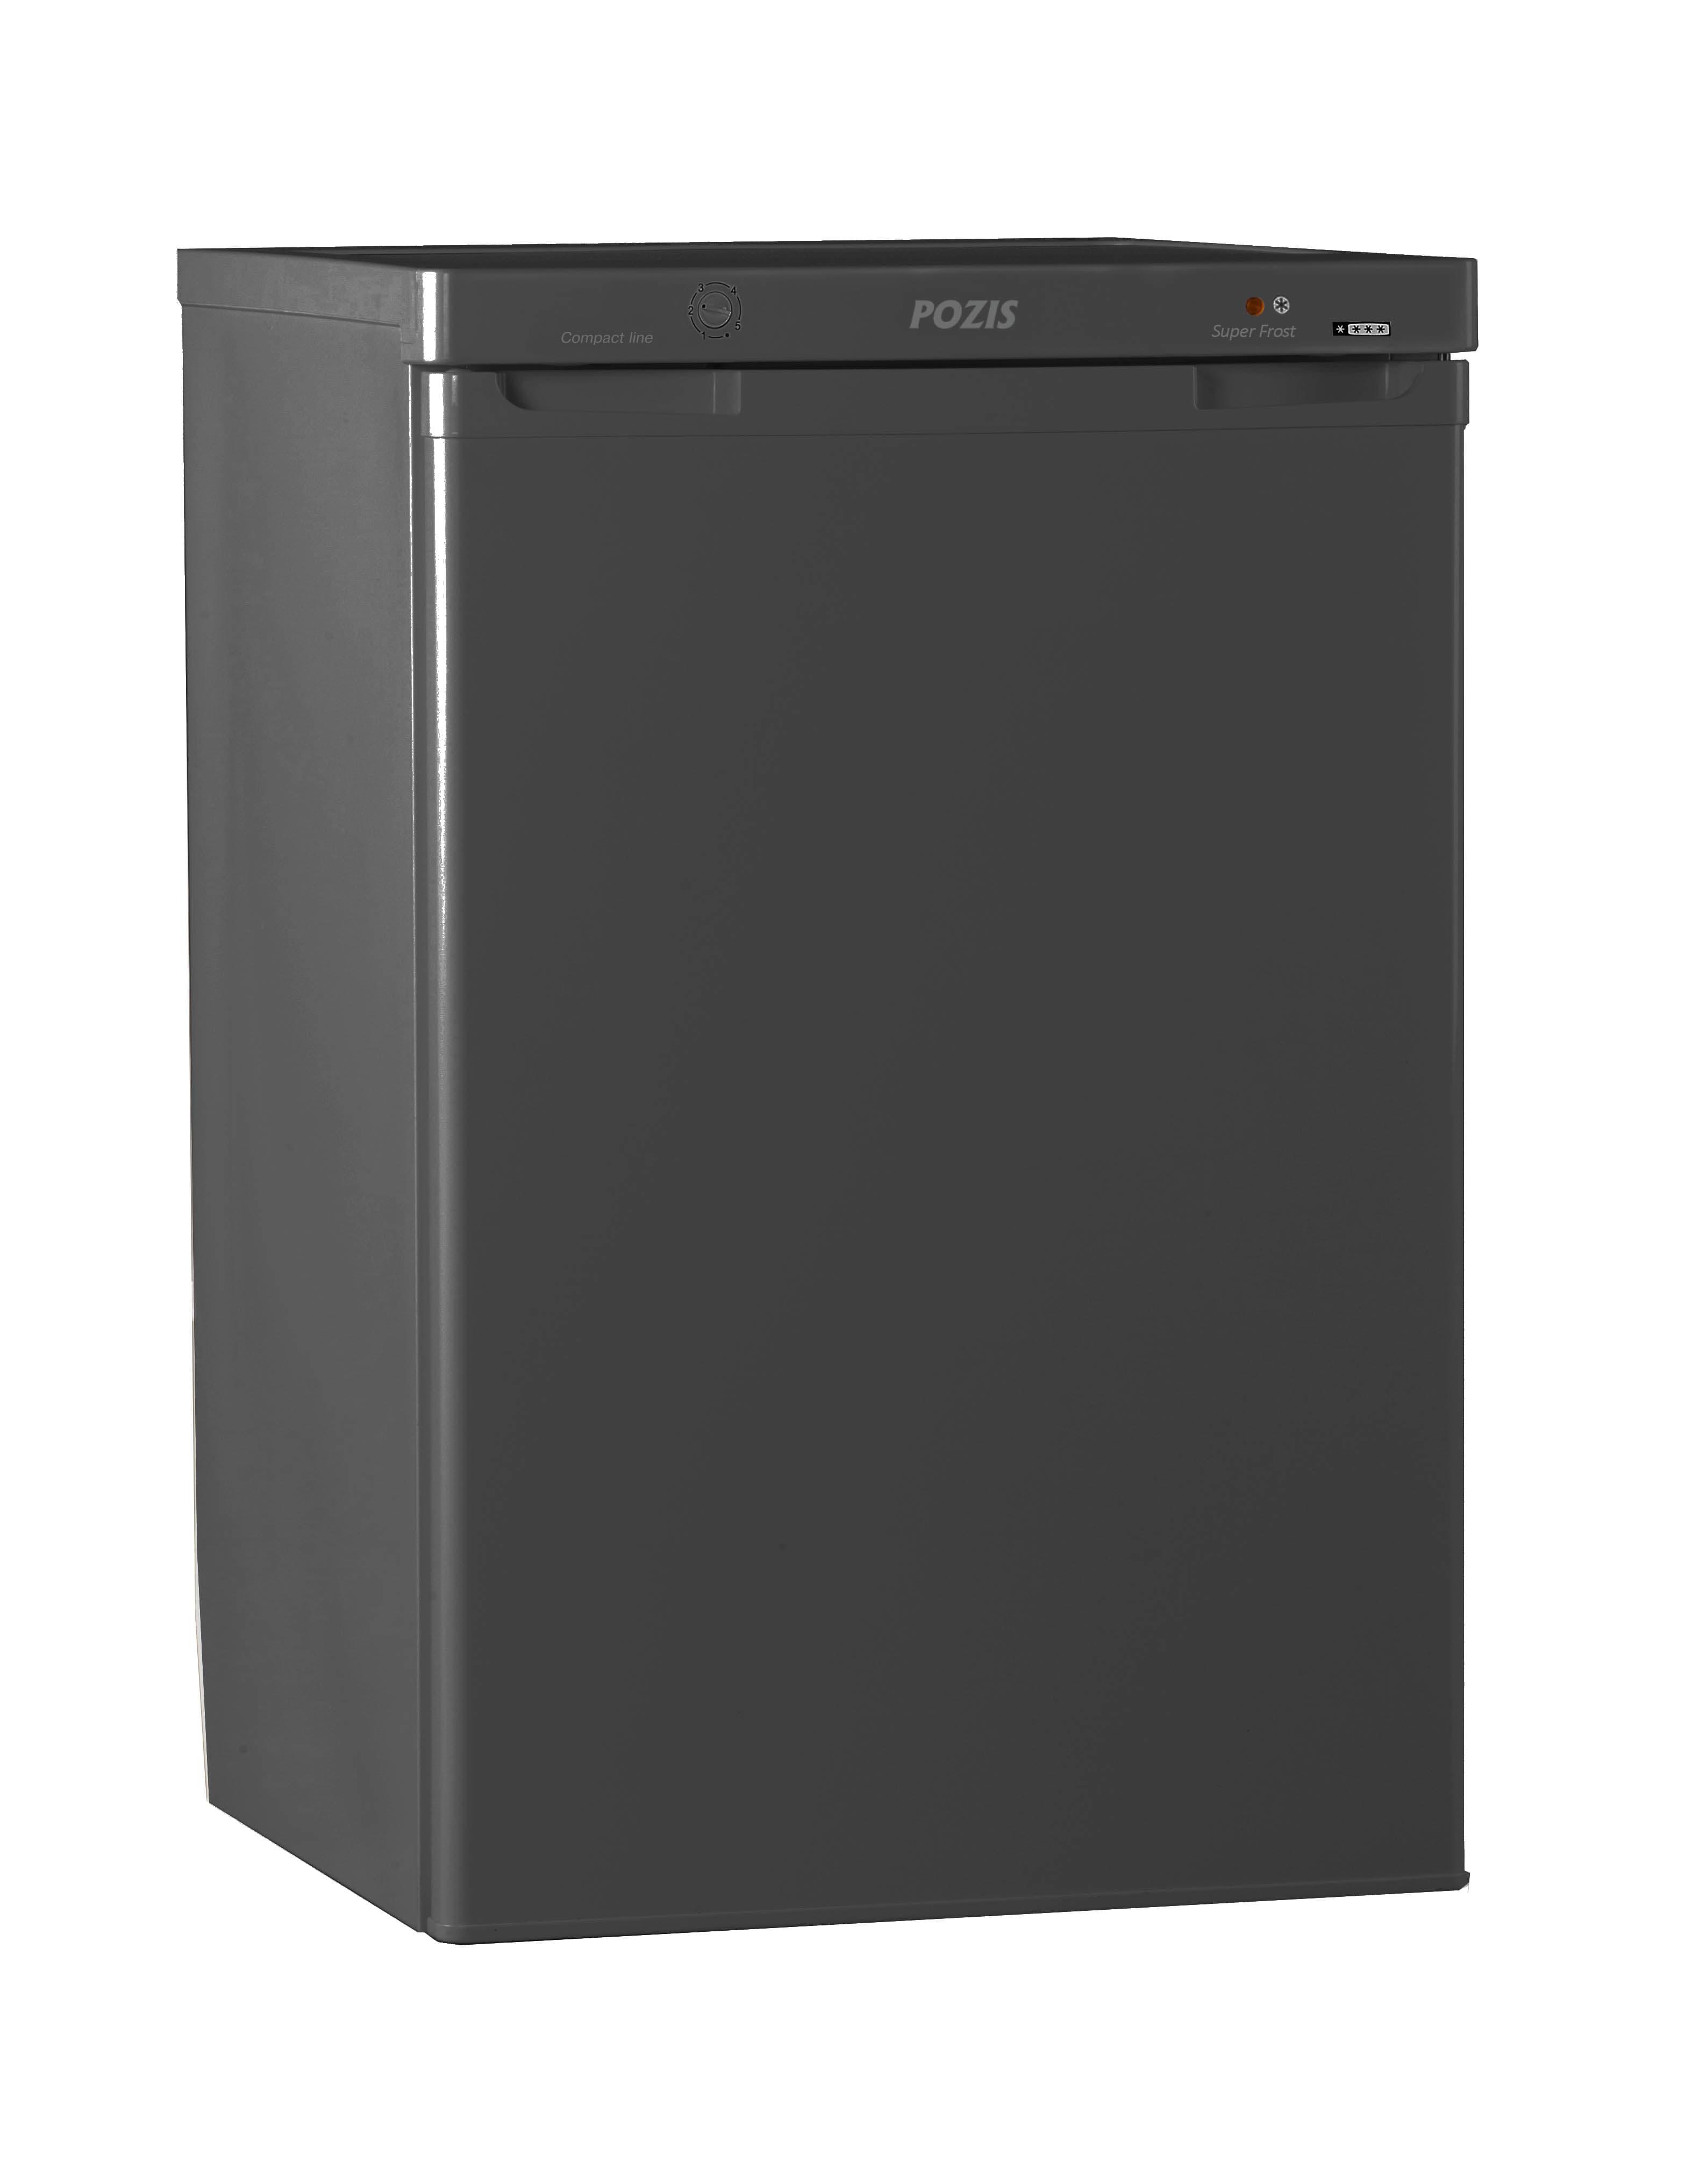 Шкаф морозильный FV-108 графитовый